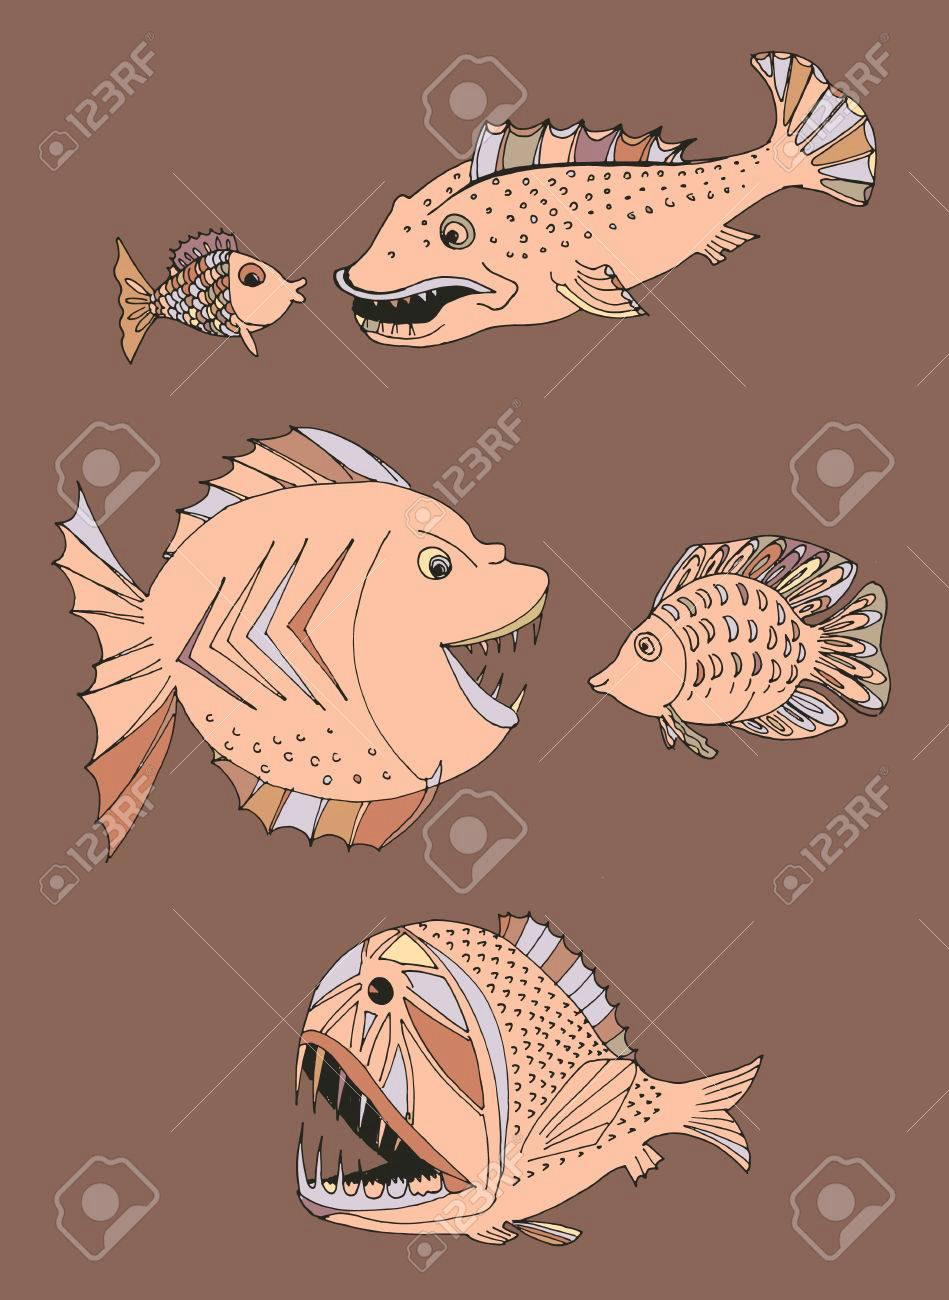 beangstigende fische handgemalt lizenzfrei nutzbare vektorgrafiken clip arts illustrationen image 61119342